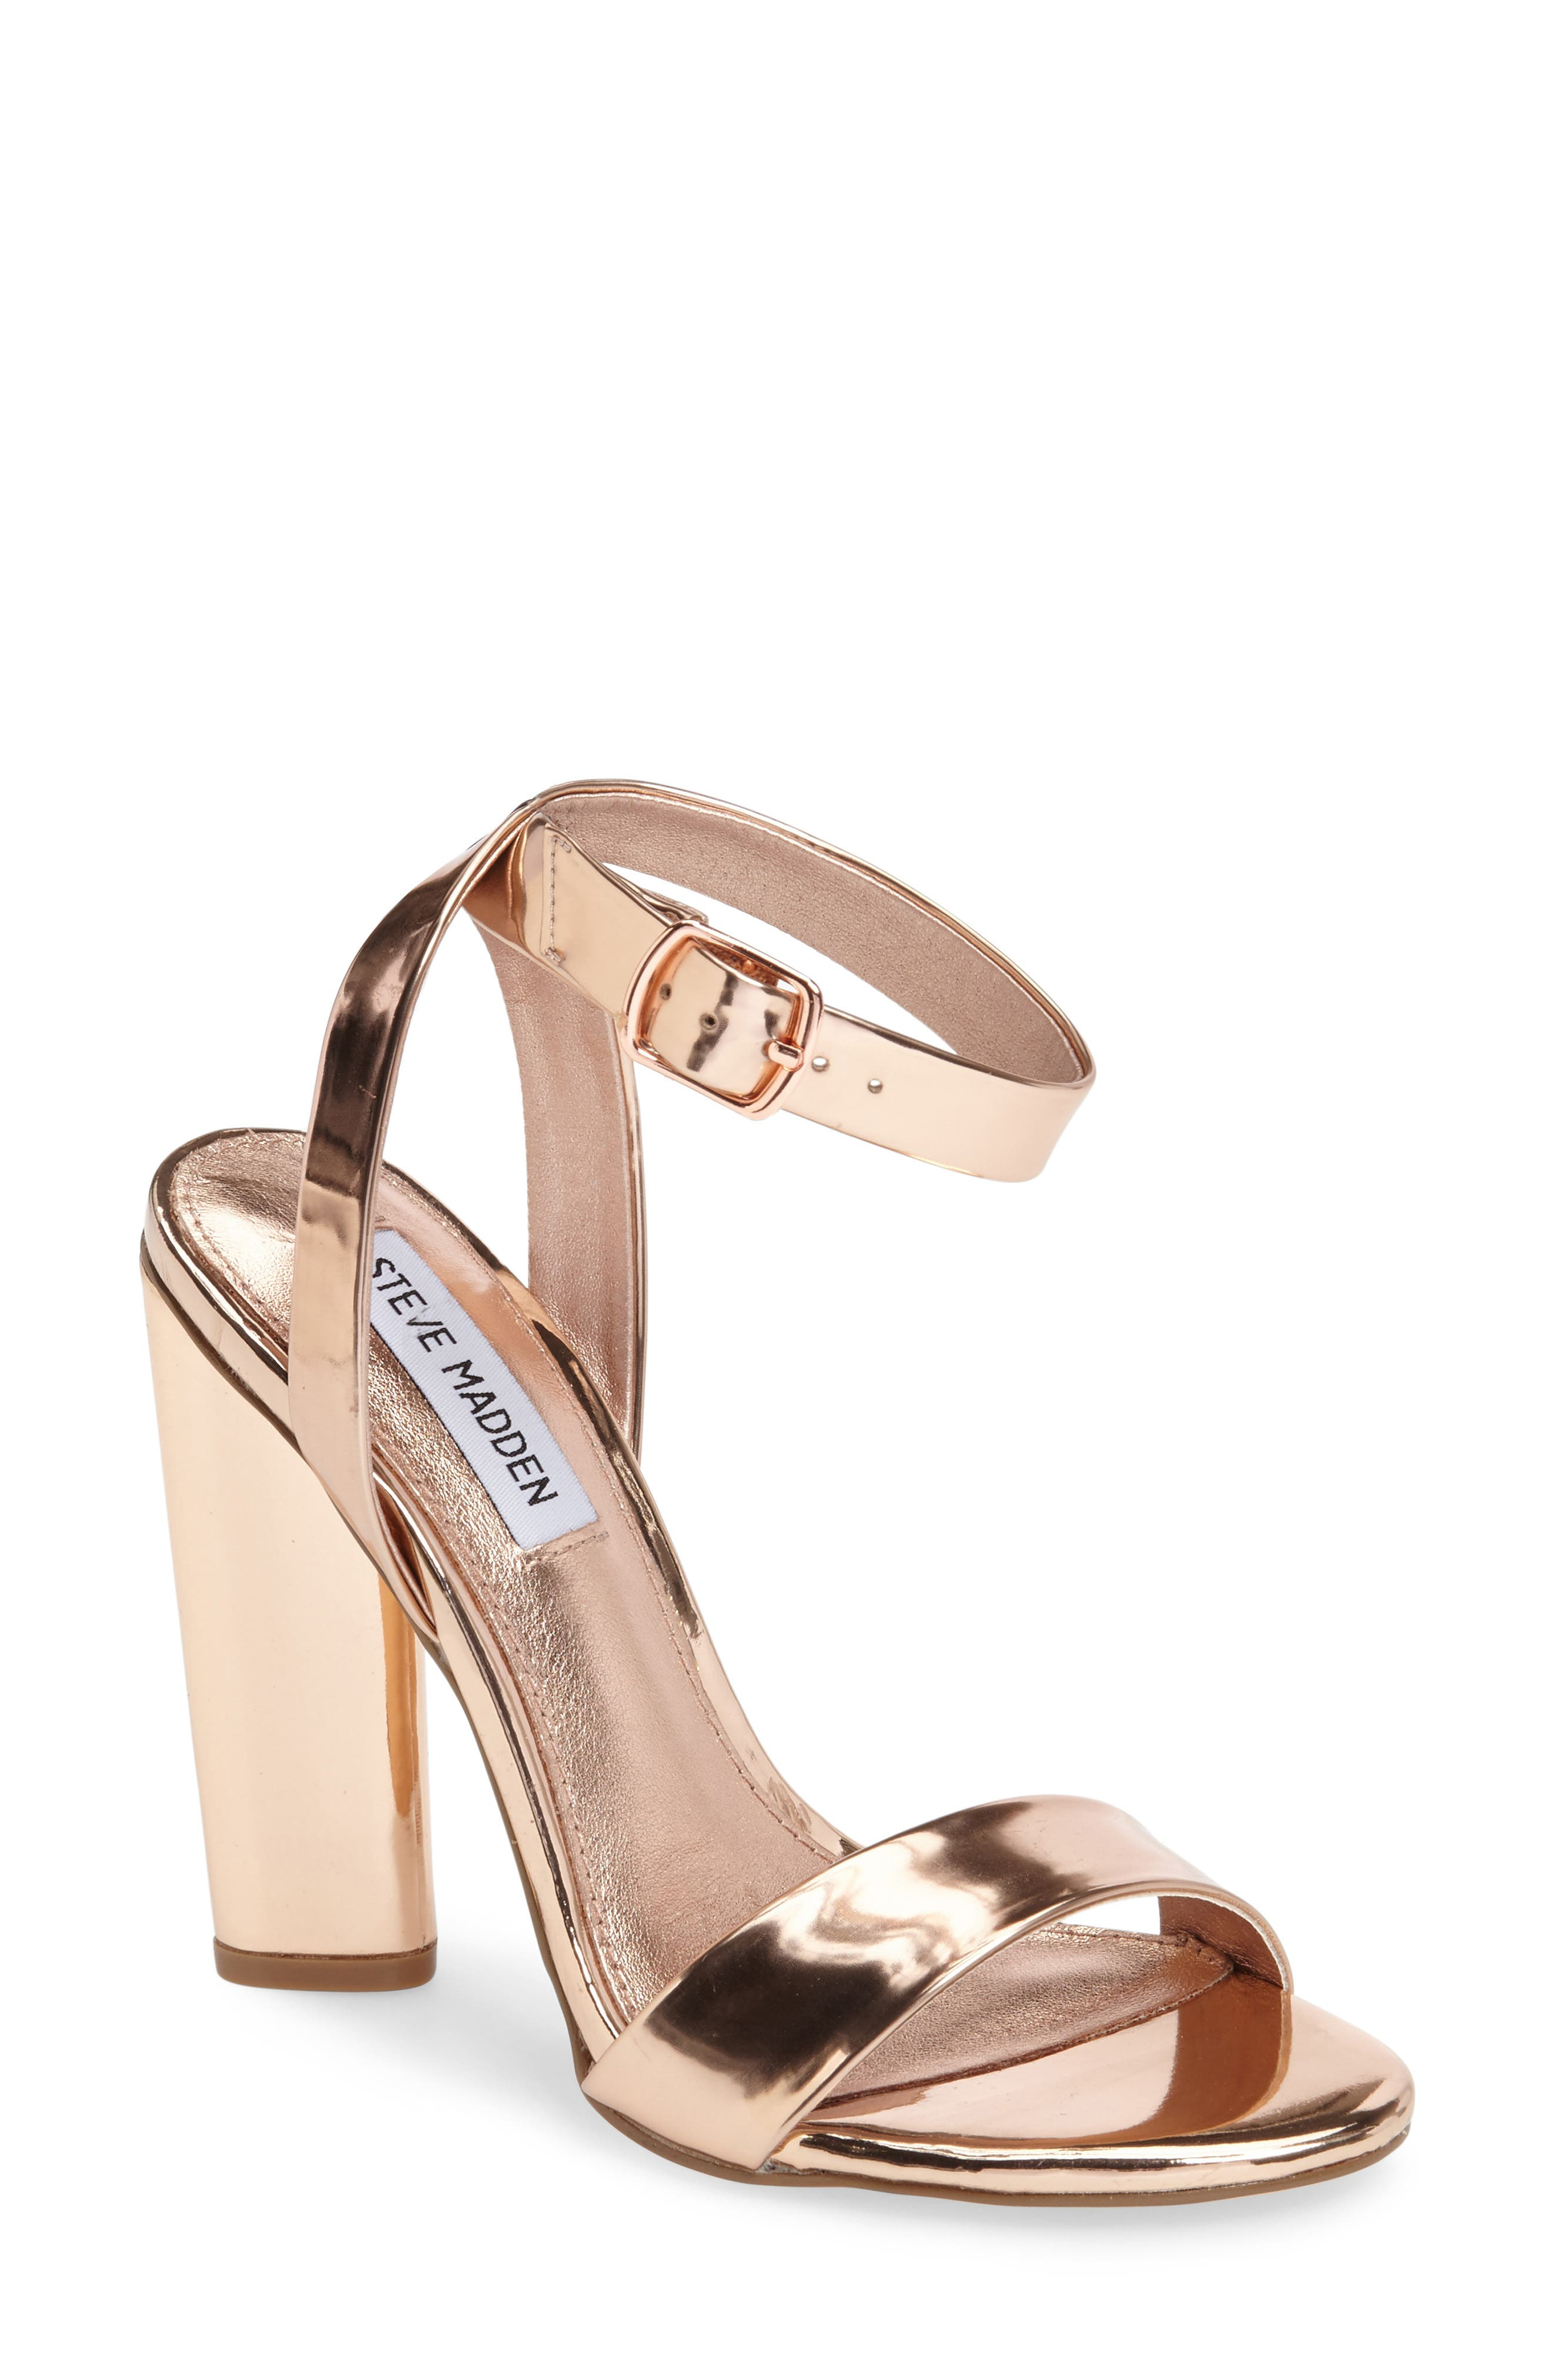 Main Image - Steve Madden Treasure Sandal (Women)